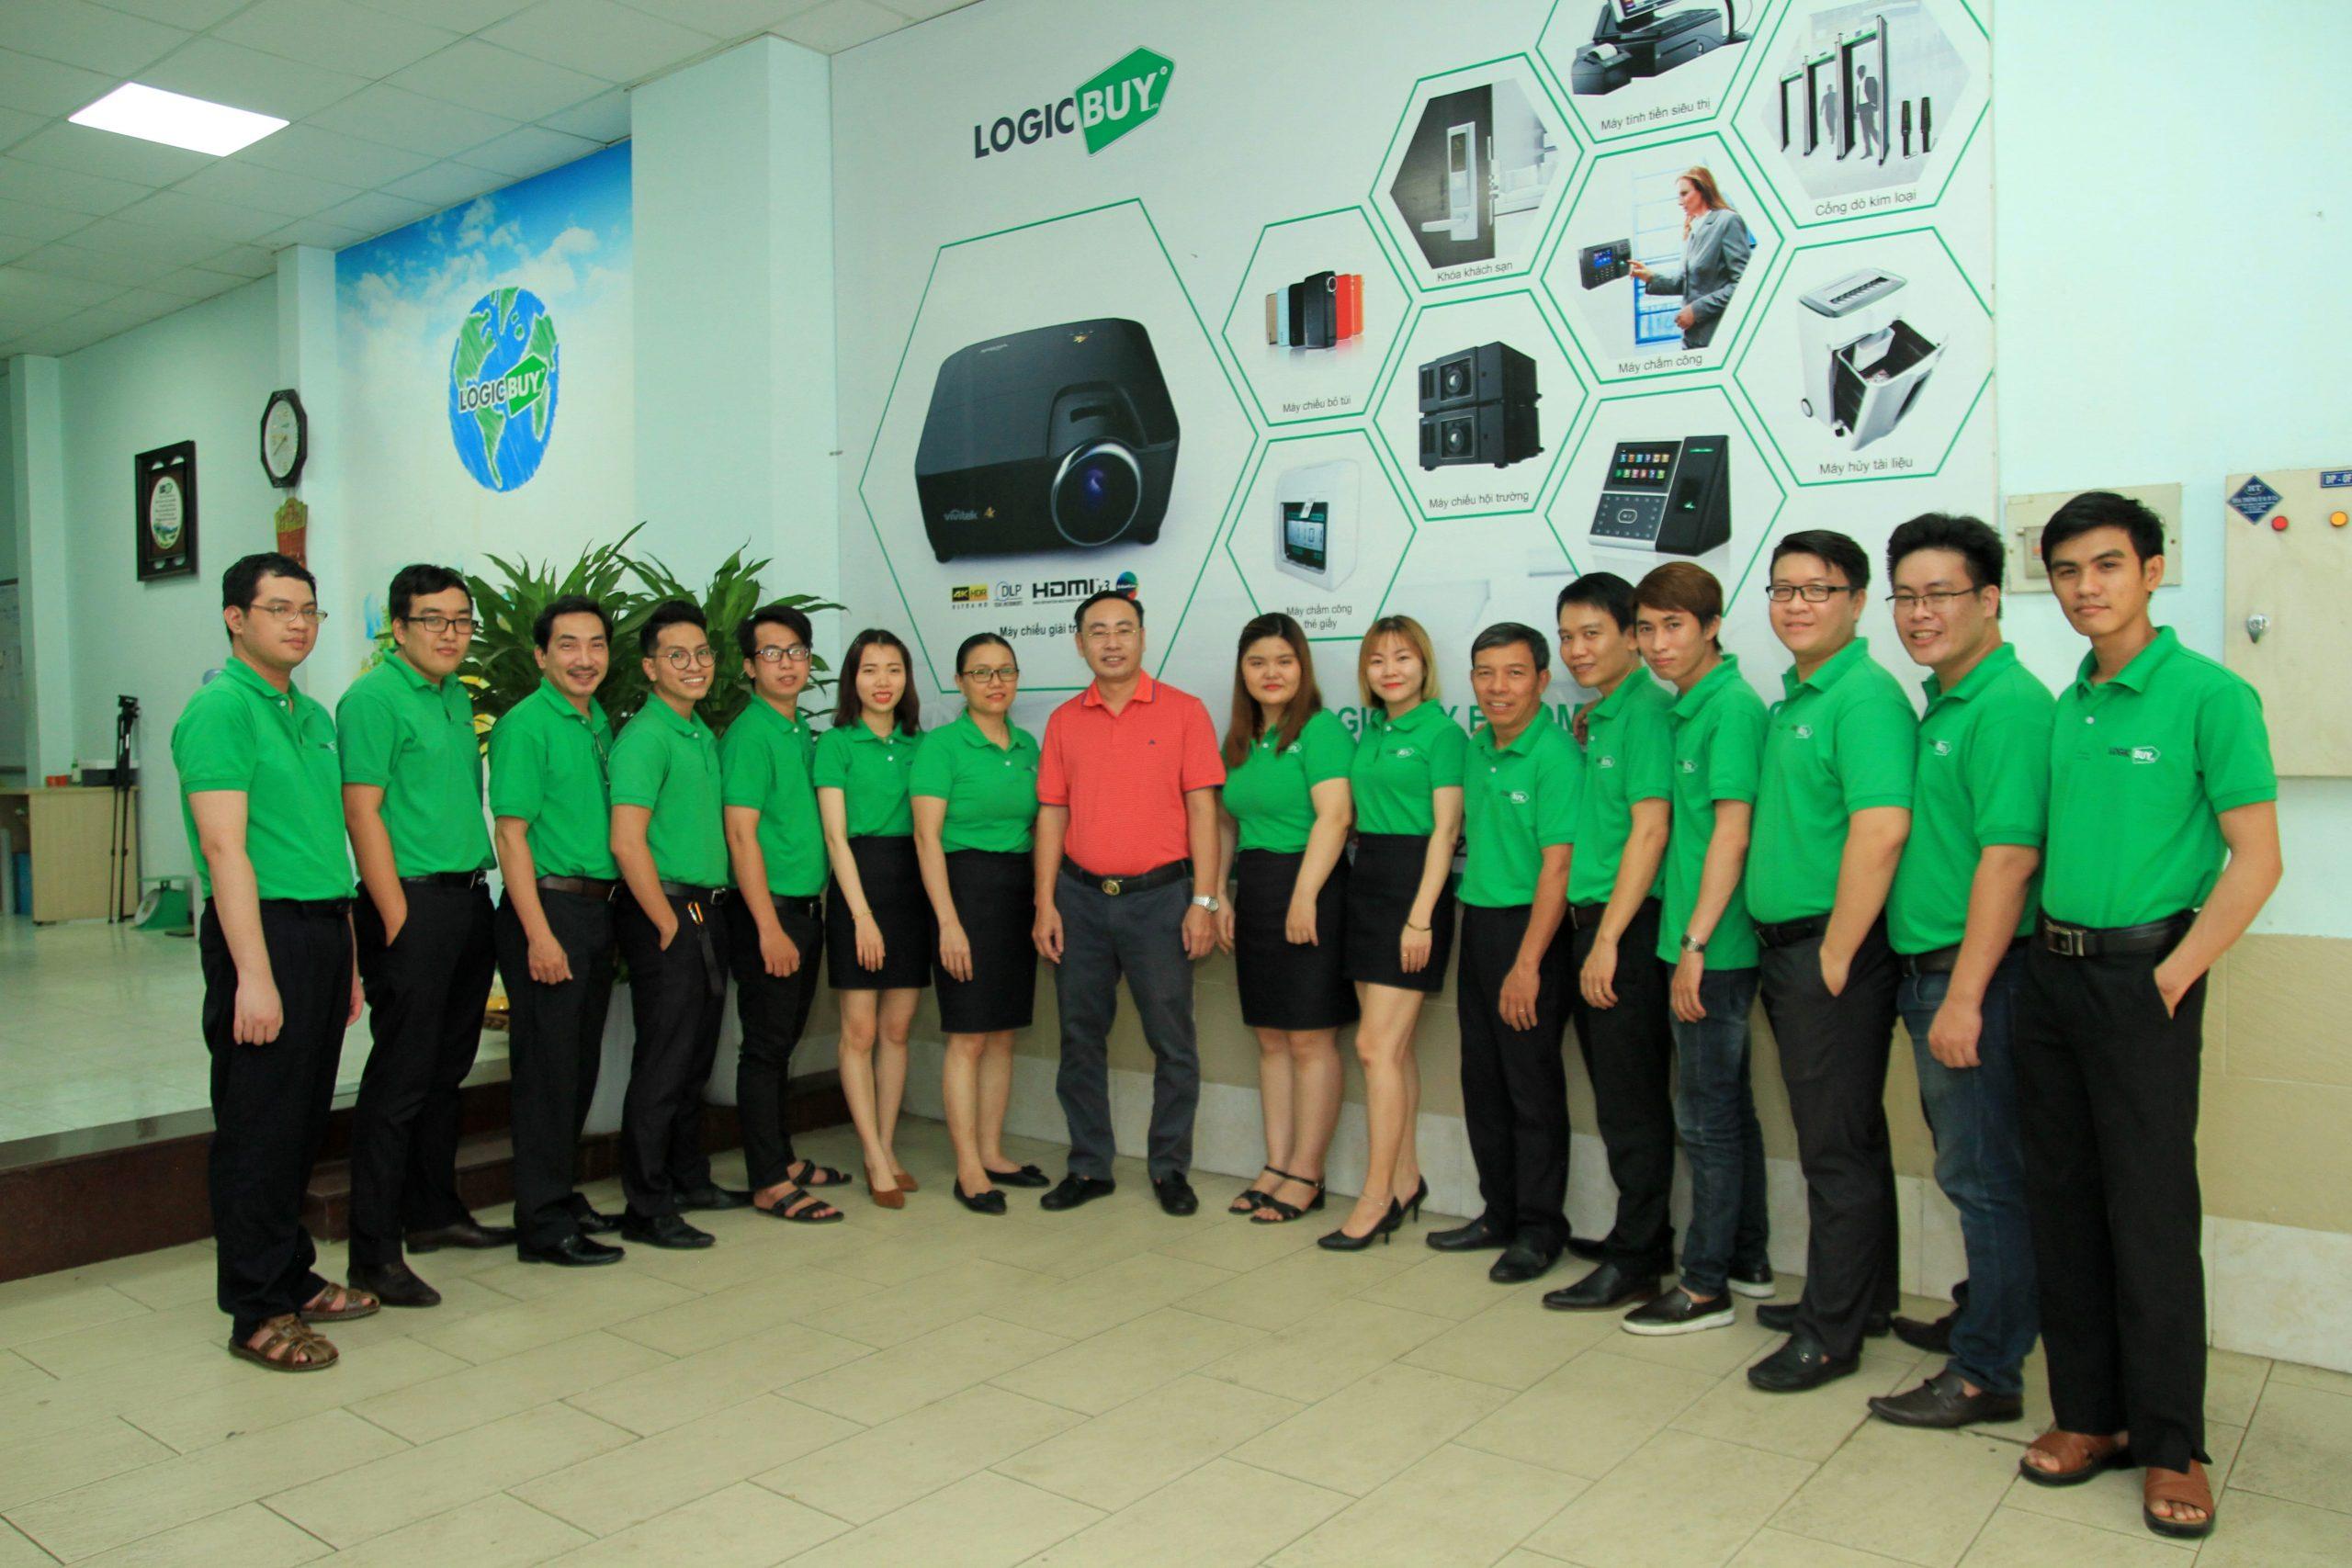 Kỹ niệm 7 năm ngày thành lập công ty LogicBUY (05/08/2013-05/08/2020)